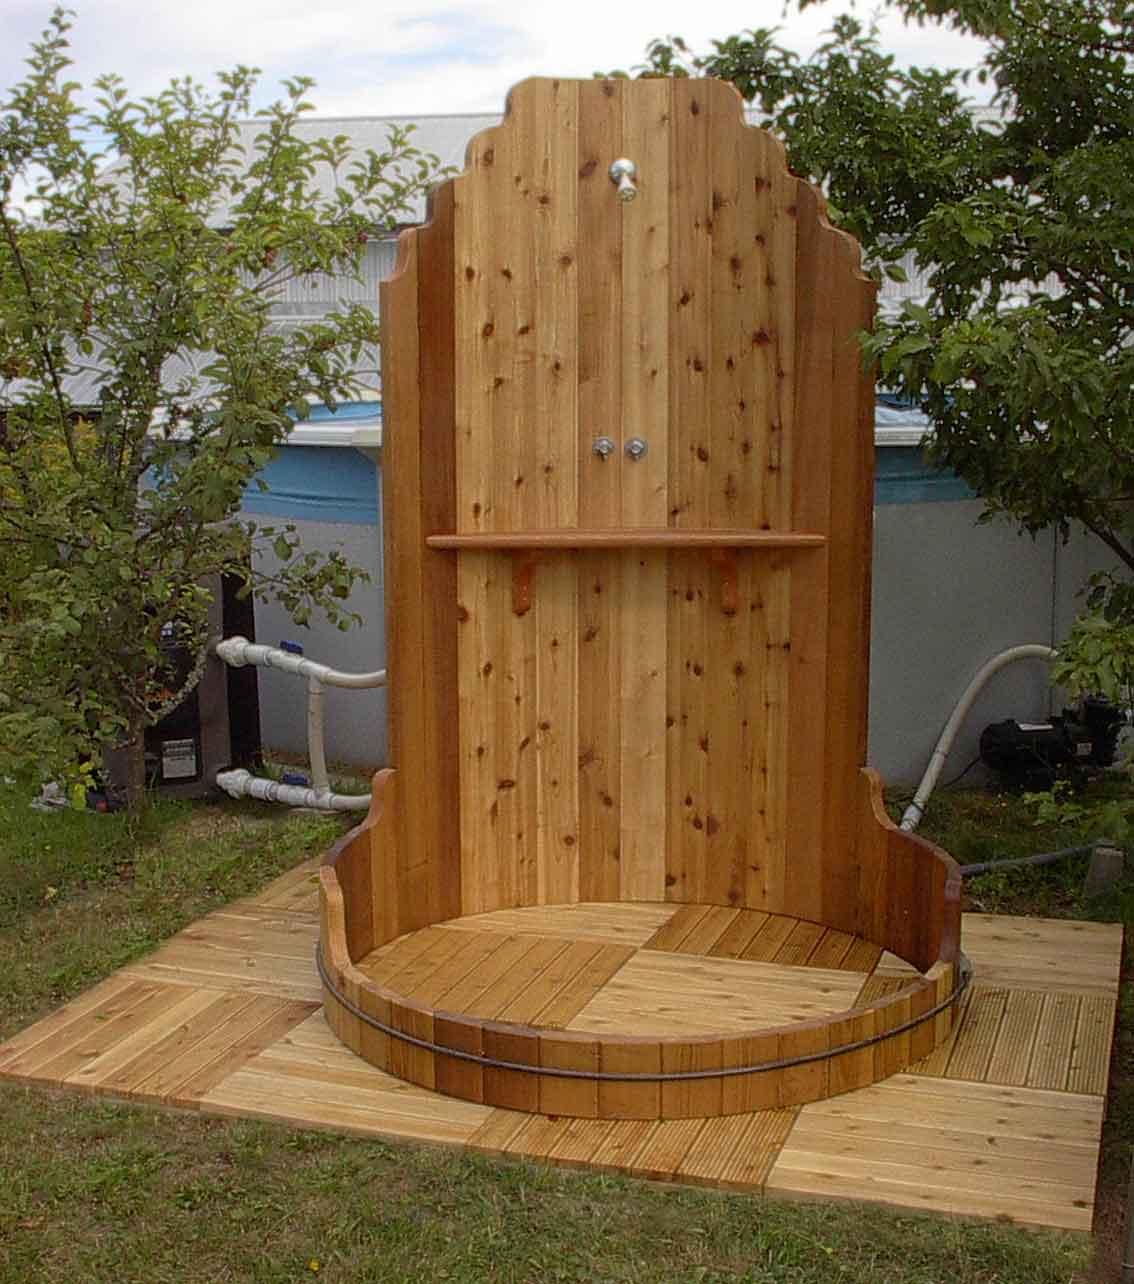 Douche De Piscine : Description Et Avantages - Maison Et Santé avec Douche Pour Piscine